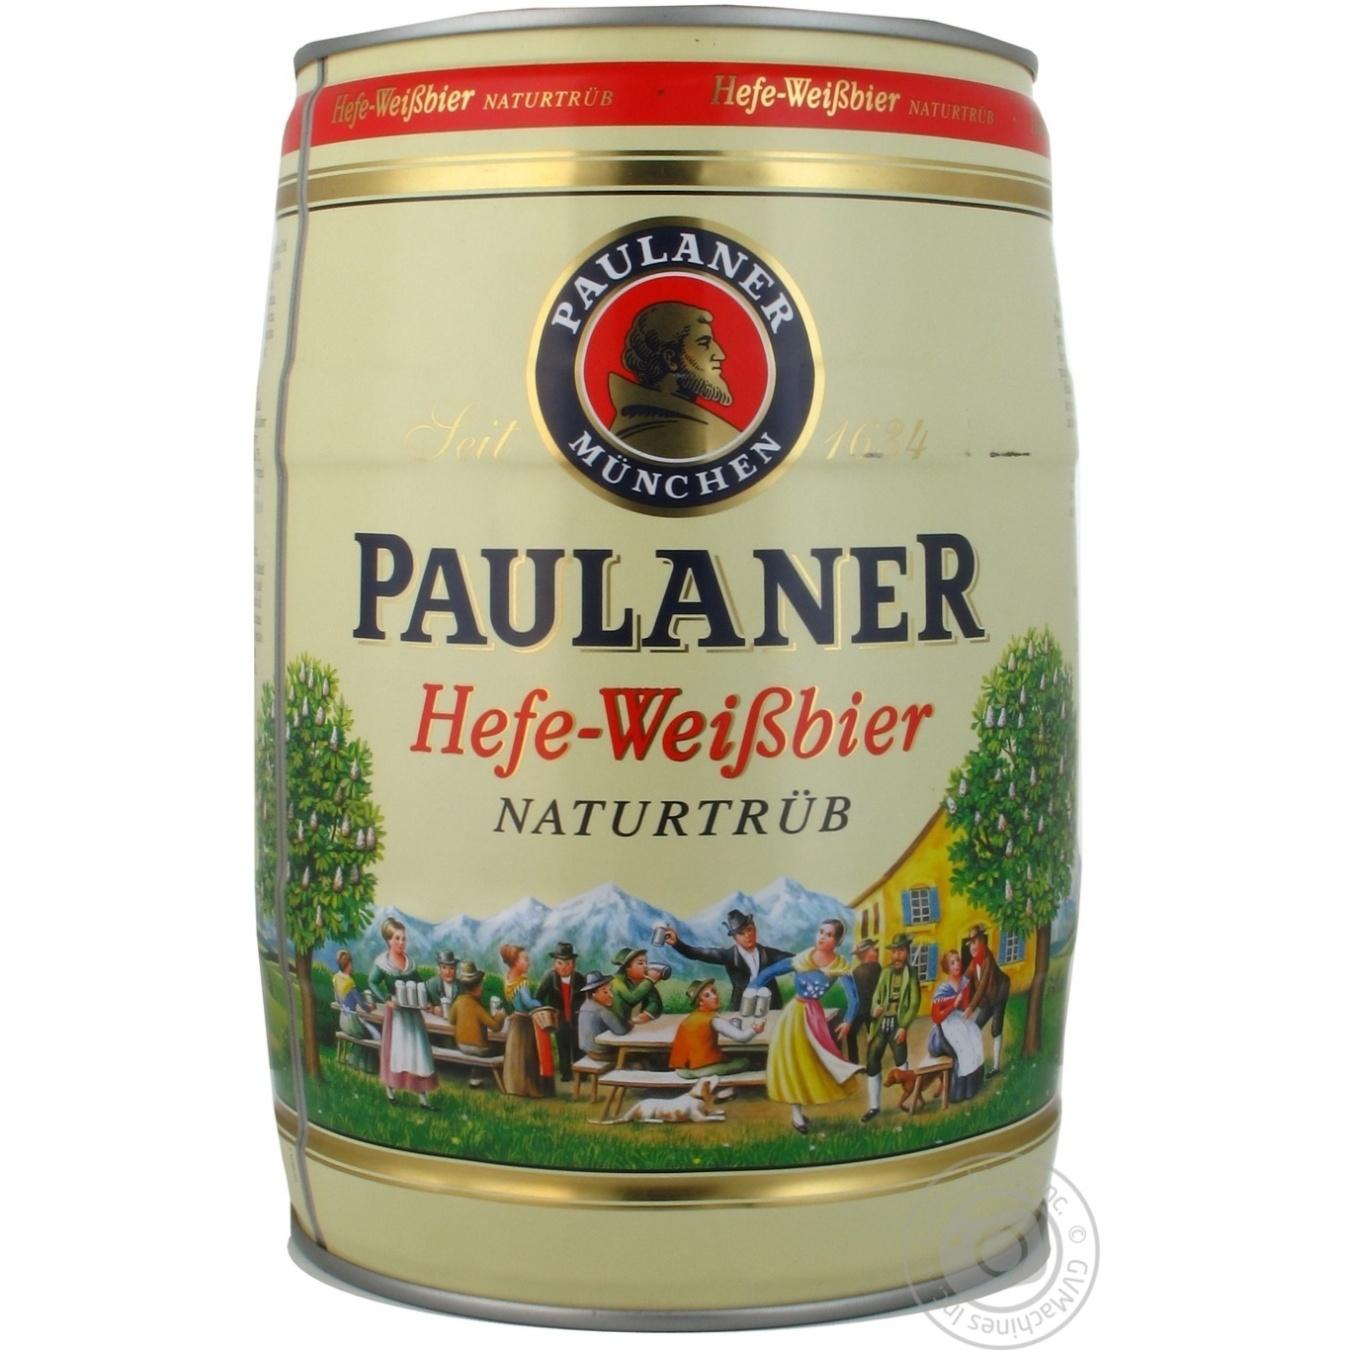 Пиво Пауланер Хефе-Вайсбир светлое нефильтрованное пастеризованное 5.5%об. 5000мл